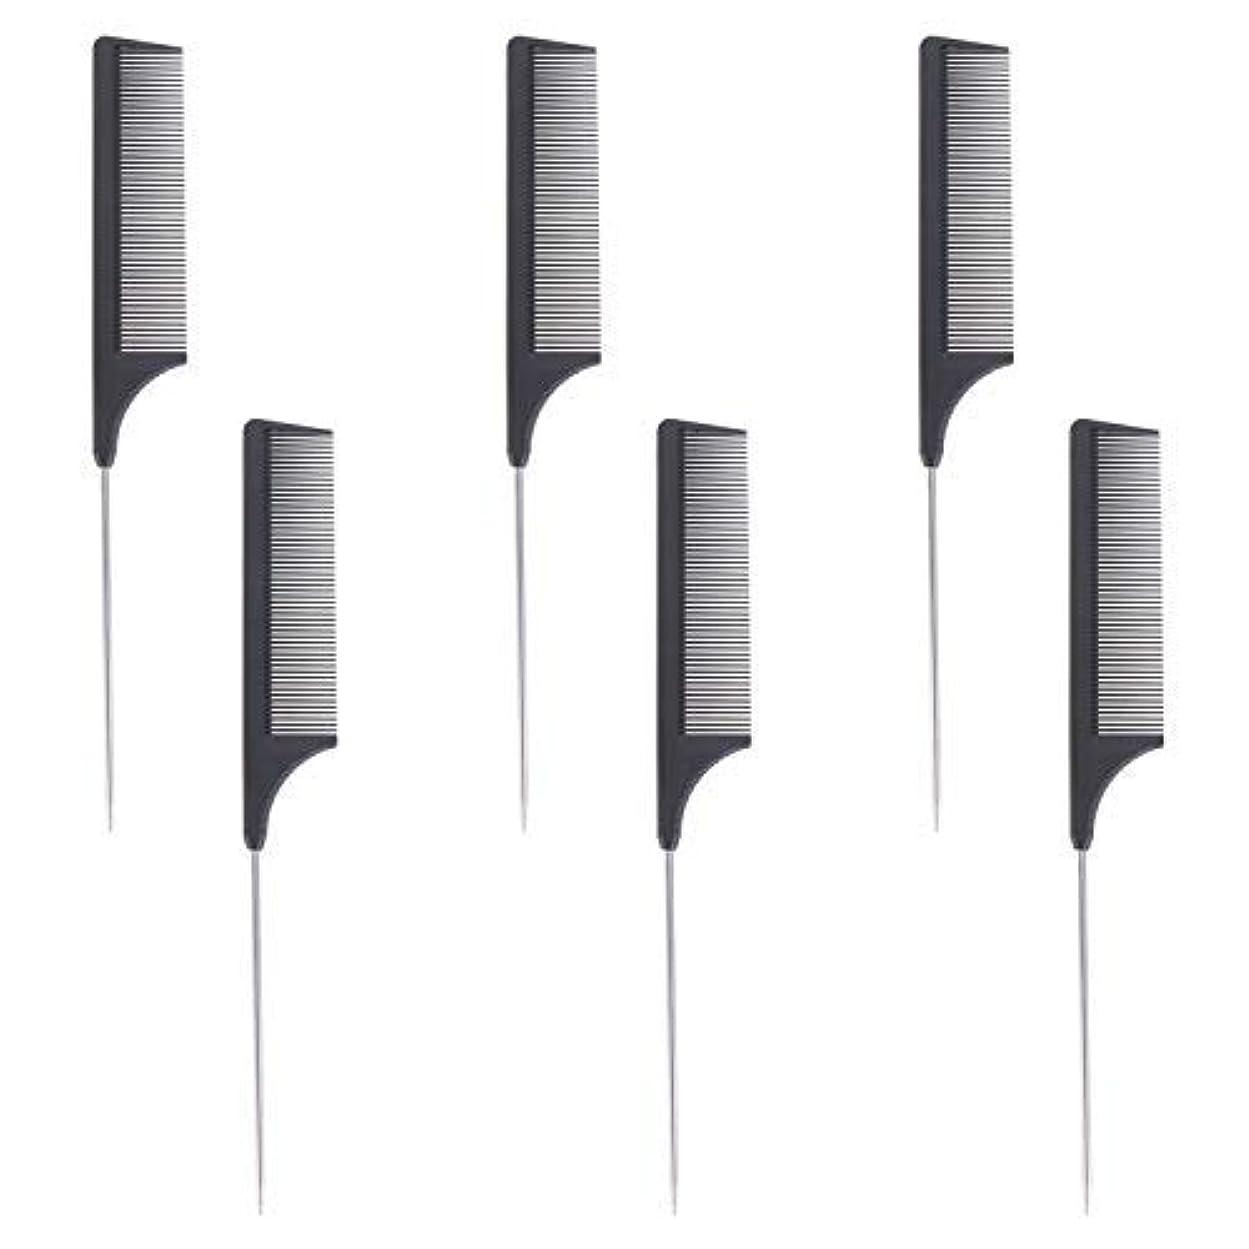 対立北米ランプ6 Pieces Comb Black Tail Styling Comb Chemical Heat Resistant Teasing Comb Carbon Fiber Hair Styling Combs for...